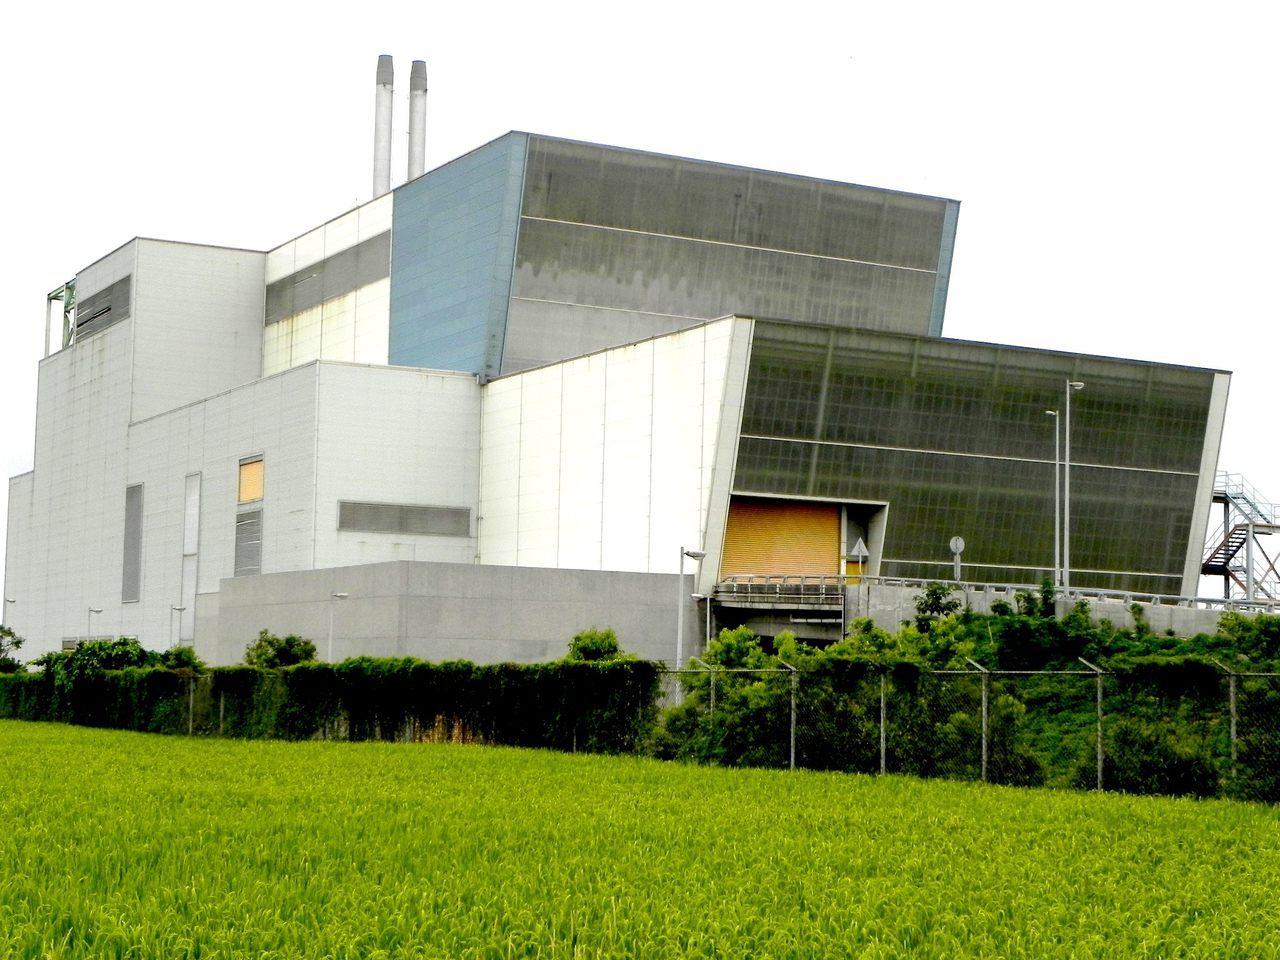 台東焚化廠建好迄今14年未使用。記者羅紹平/攝影